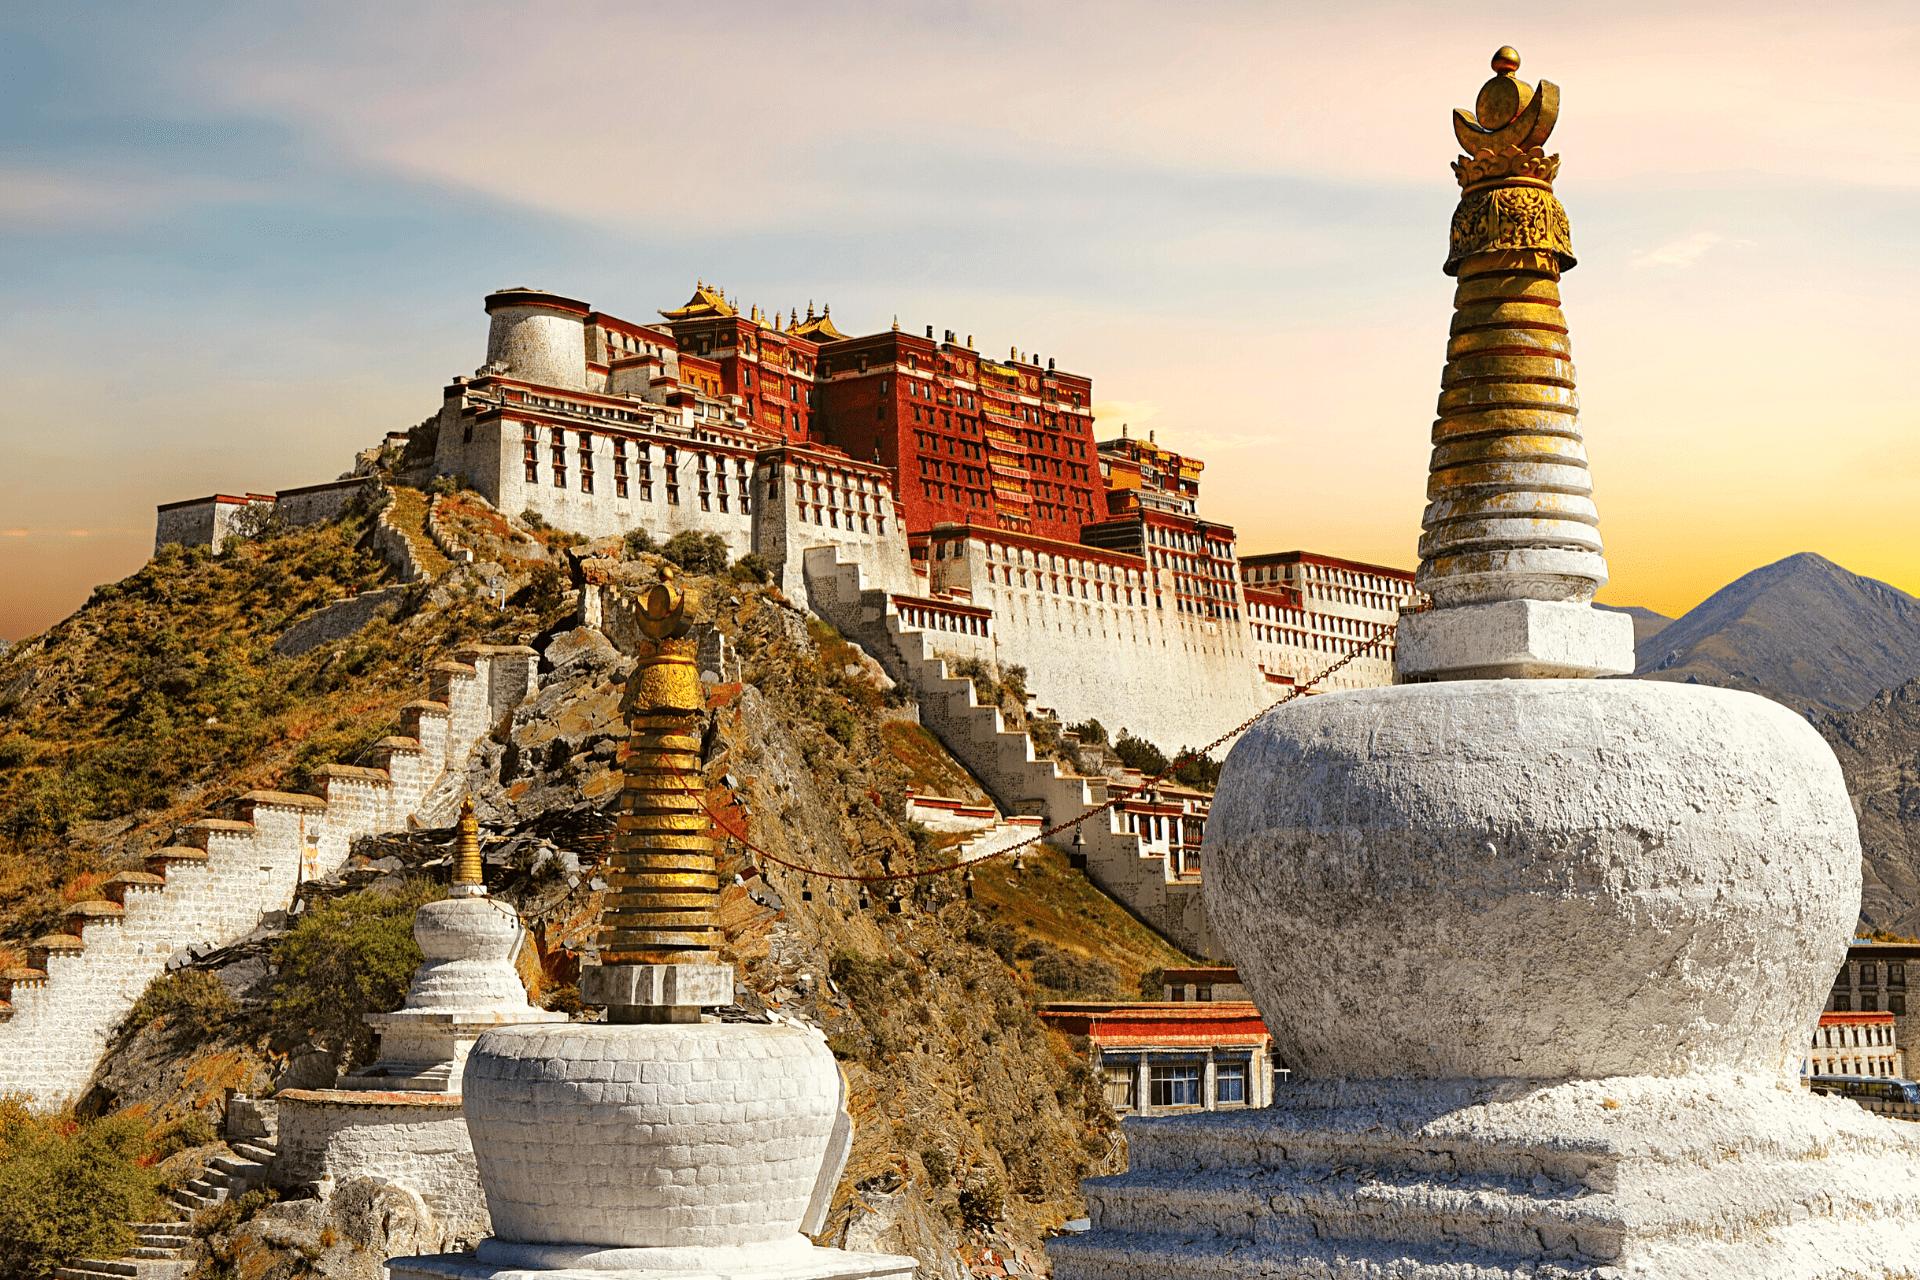 tibet-palace-sunset-chinese-language